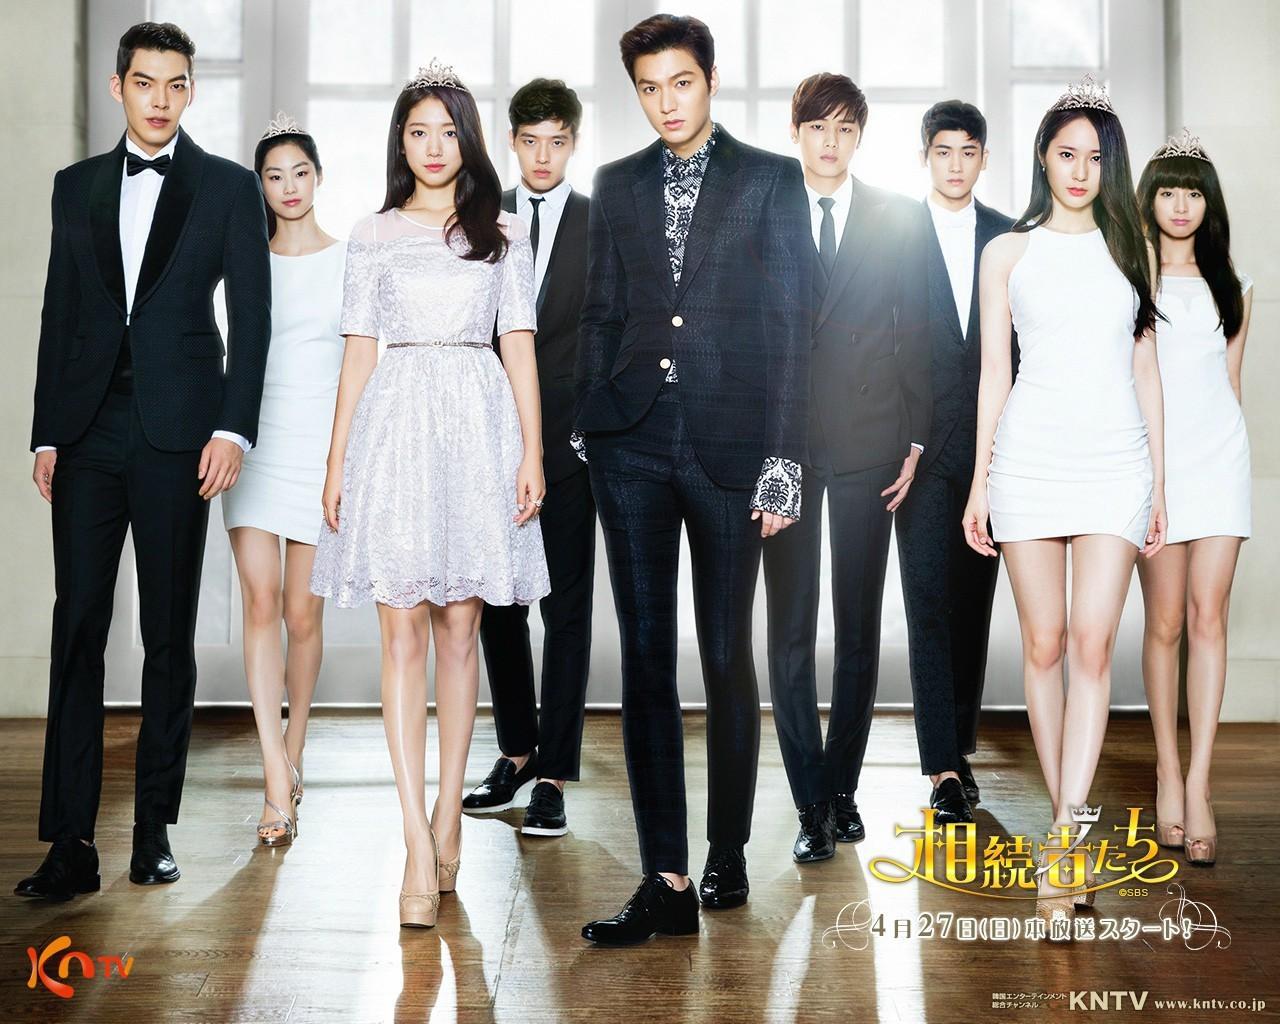 Logic phim Hàn: Hễ là tài phiệt thì sẽ được giác ngộ tình yêu với mì tôm - Ảnh 1.